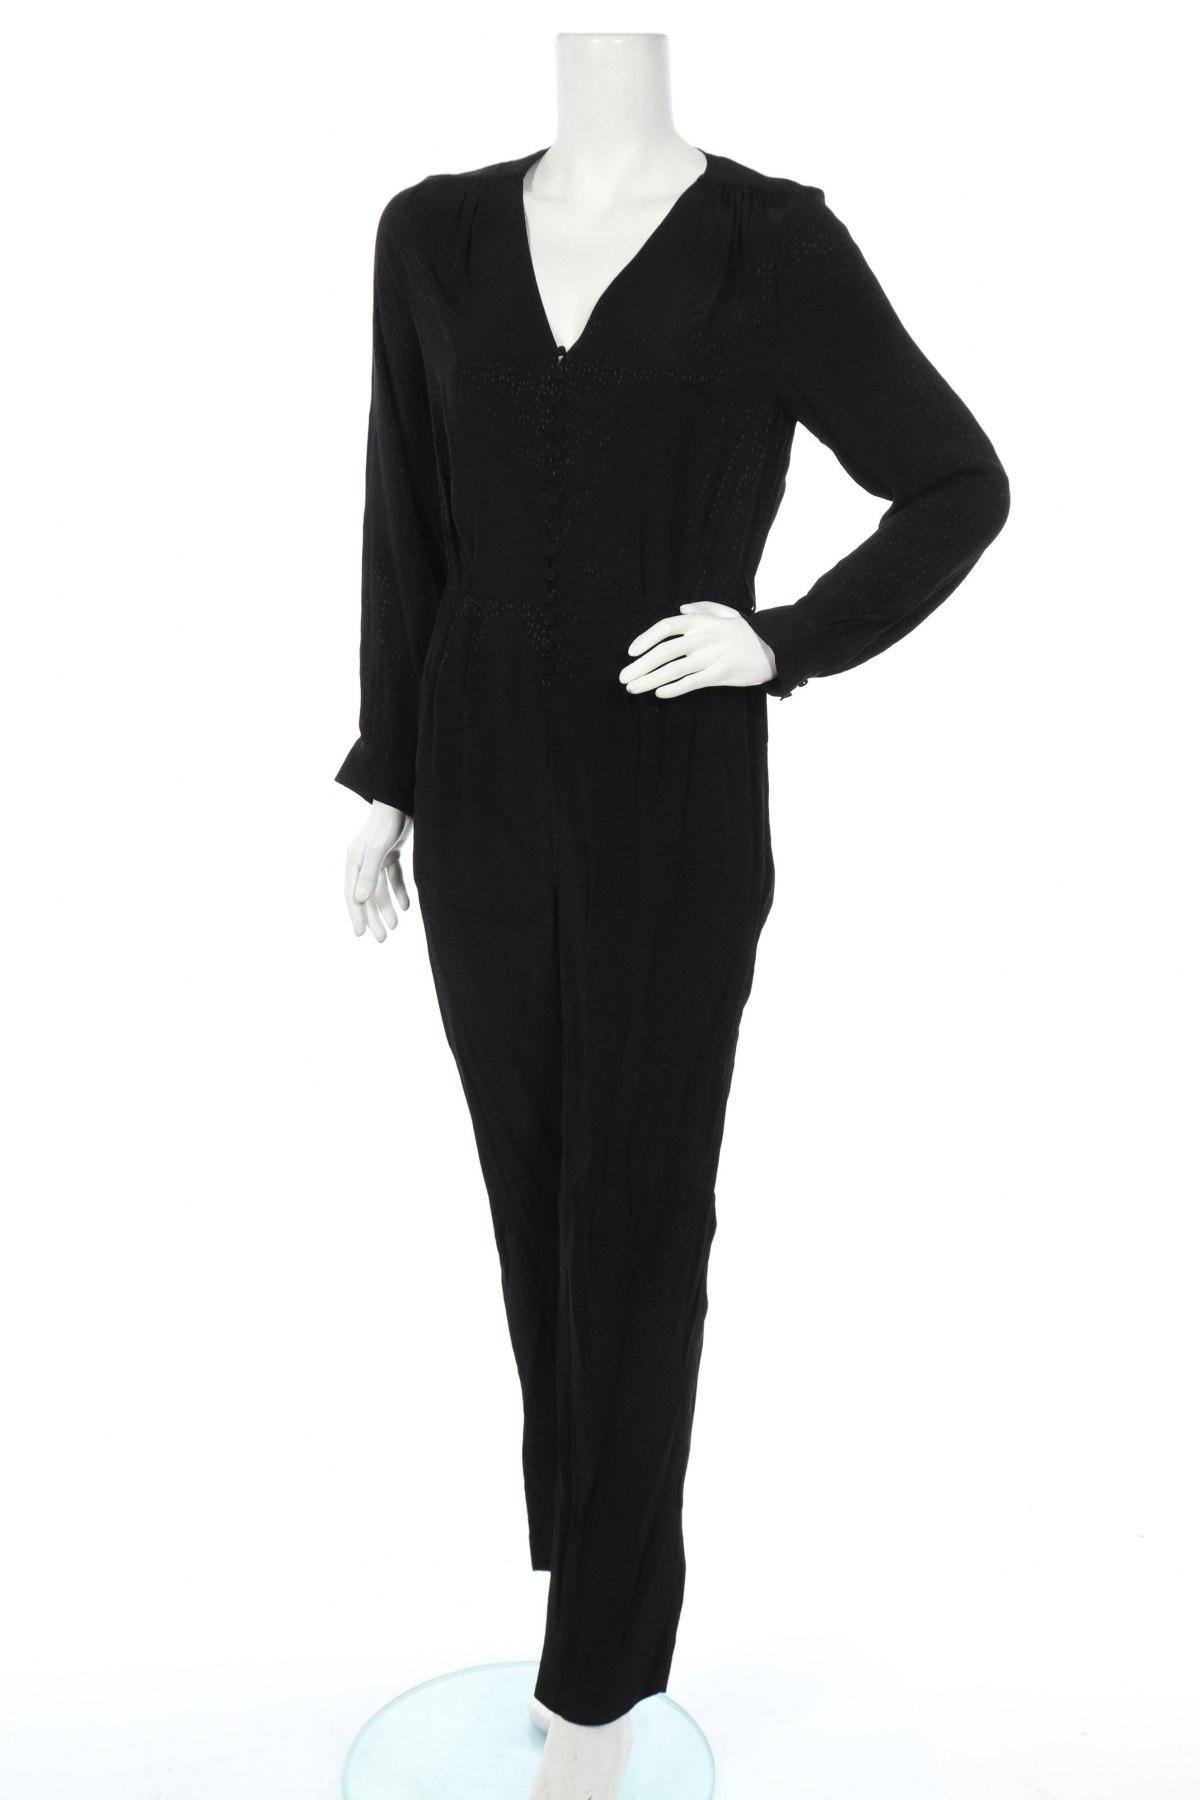 Γυναικεία σαλοπέτα Massimo Dutti, Μέγεθος M, Χρώμα Μαύρο, Βισκόζη, Τιμή 26,60€